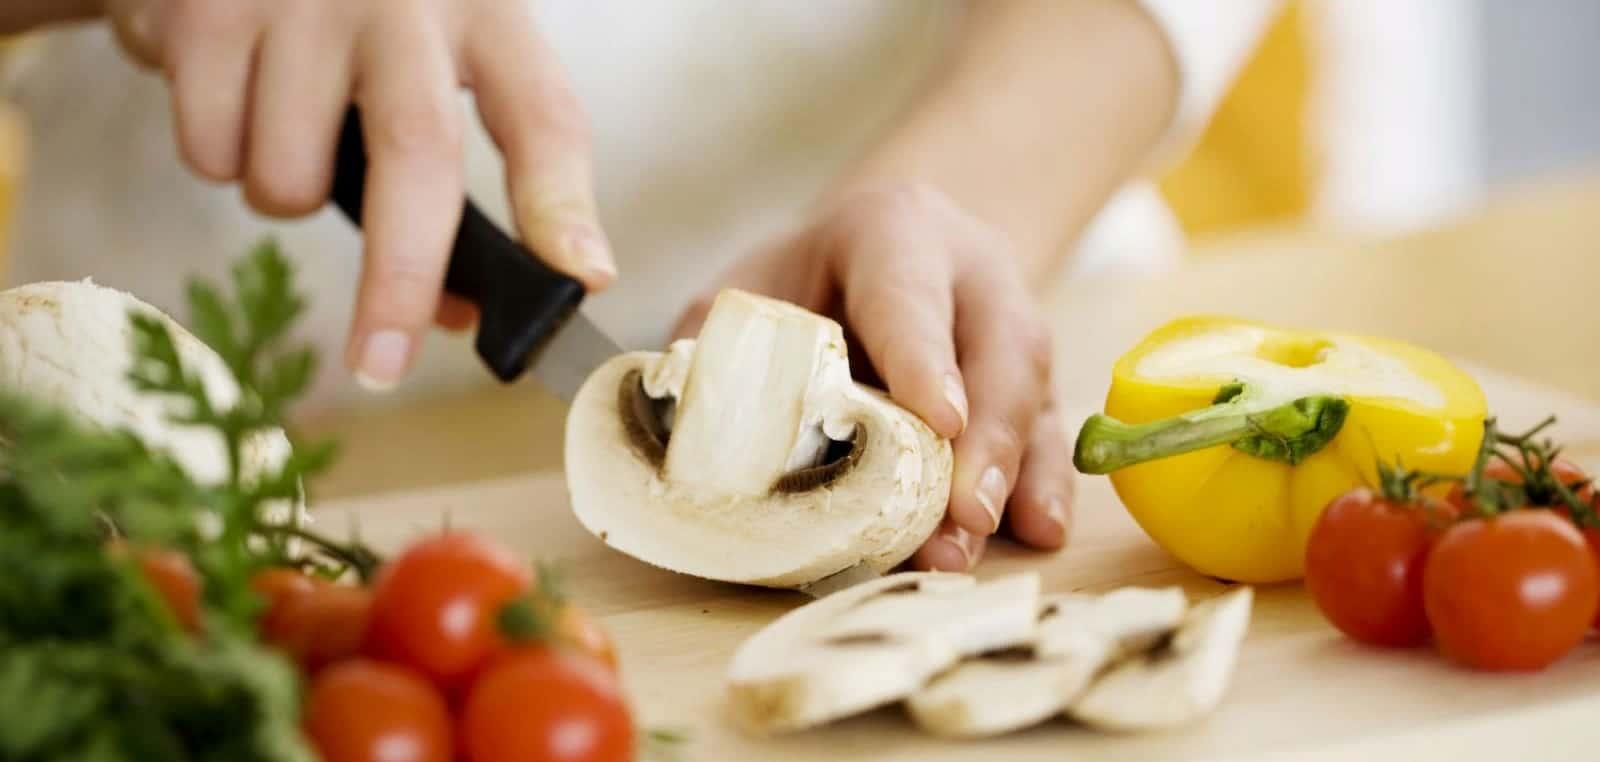 Белковая диета с пониженным содержанием углеводов